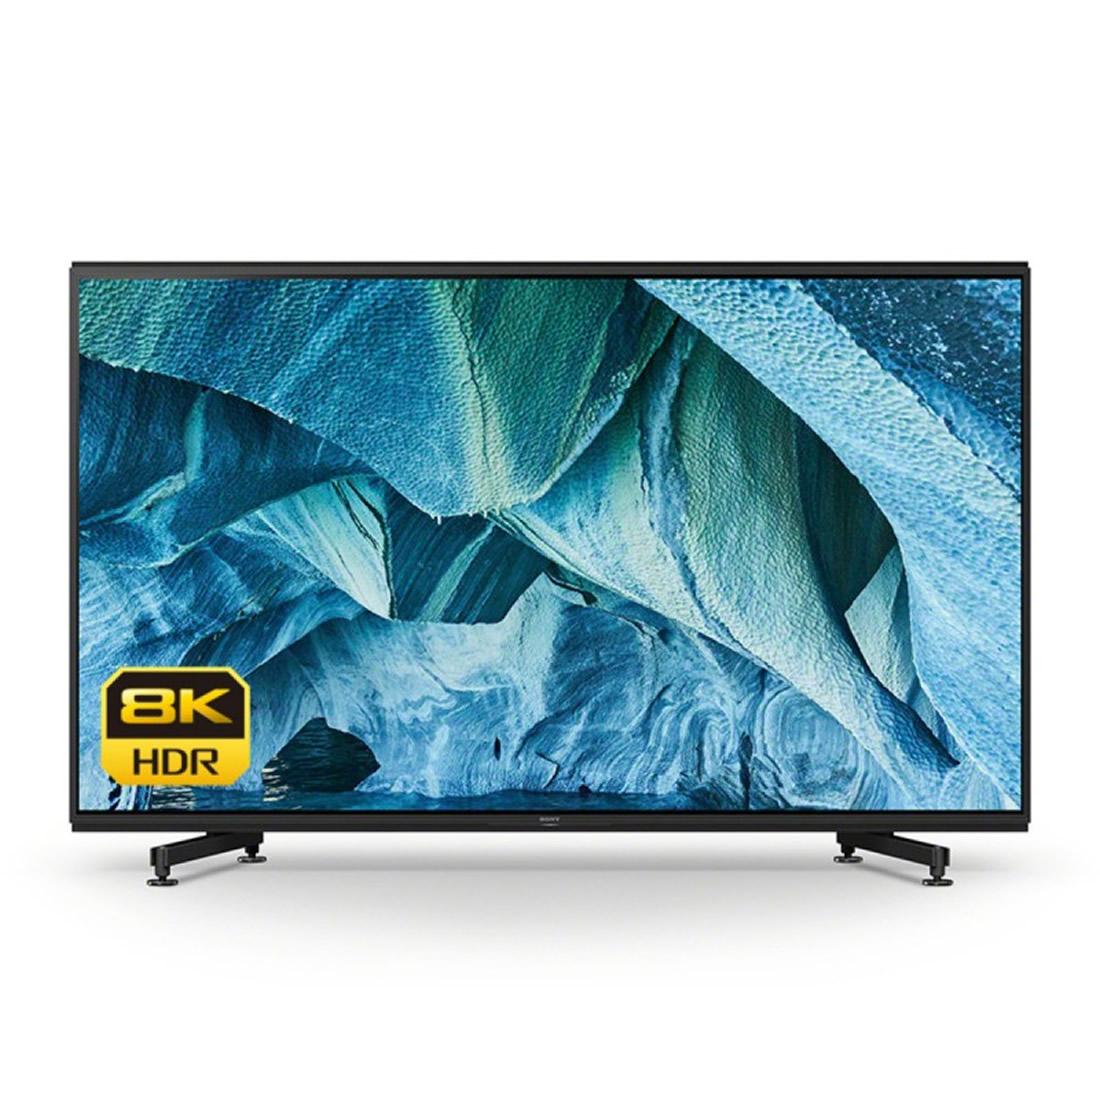 Image of 85inch 8K HDR LED SMART TV WiFi Google Assistance